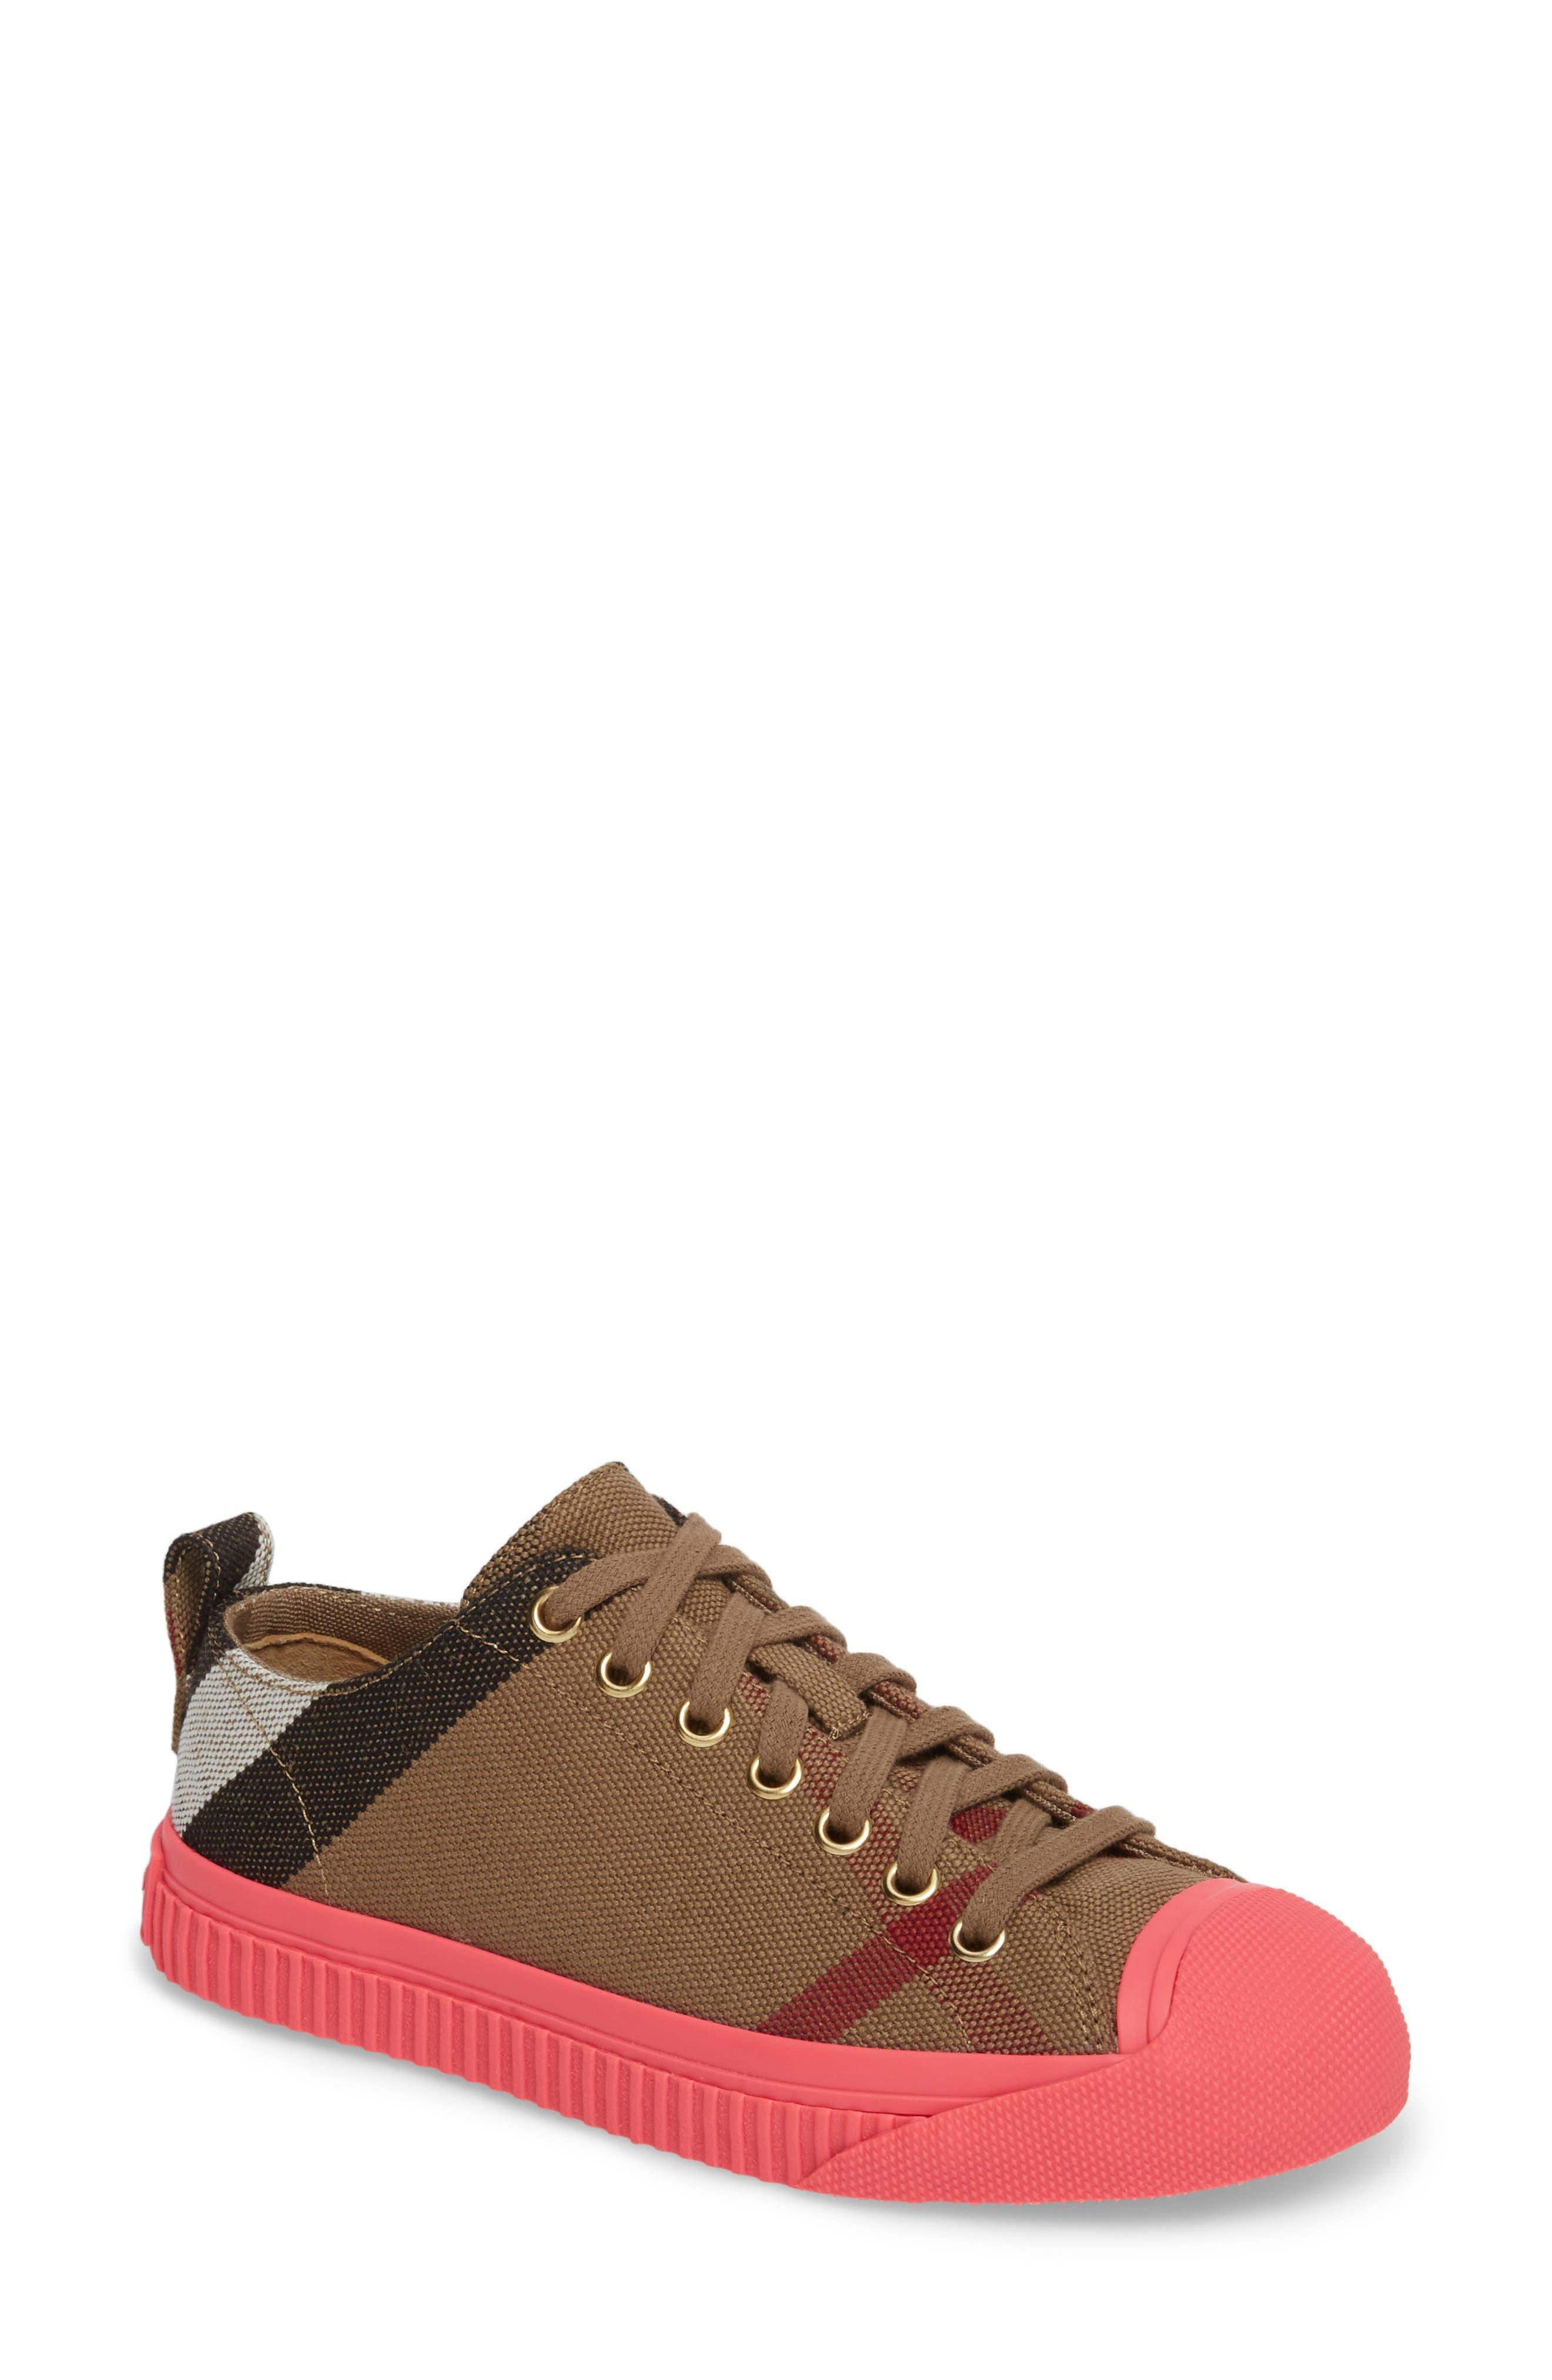 Bourne Sneaker,                         Main,                         color, Classic Check